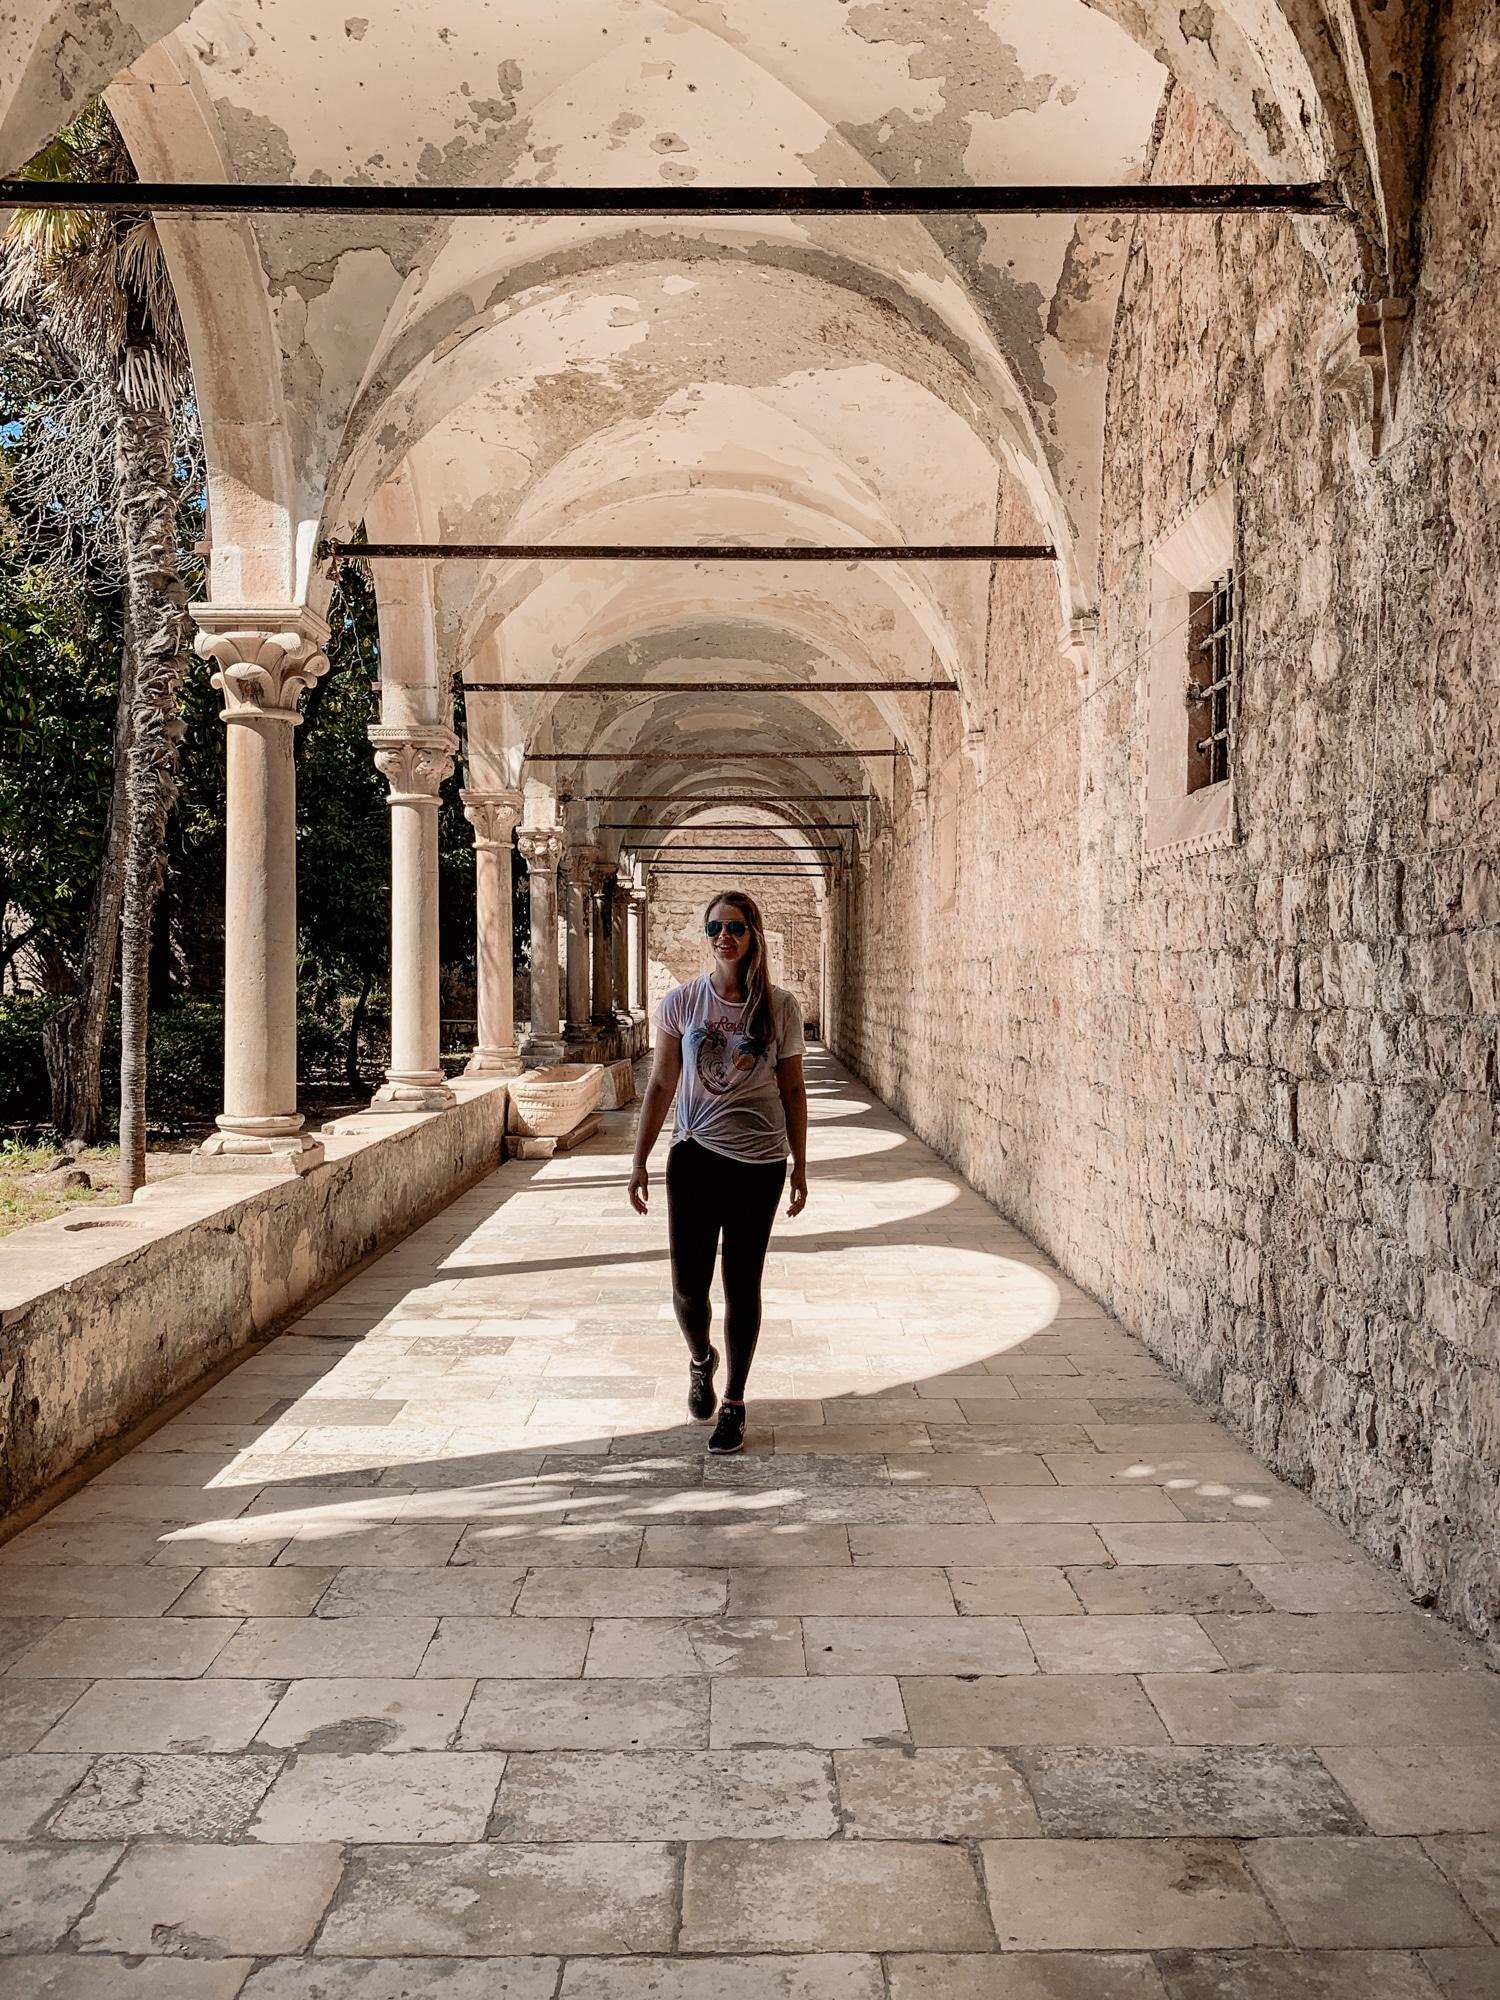 Dubrovnik Sehenswürdigkeiten Top 10: Meine Highlights und Tipps - Insel Lokrum Game of Thrones Kloster